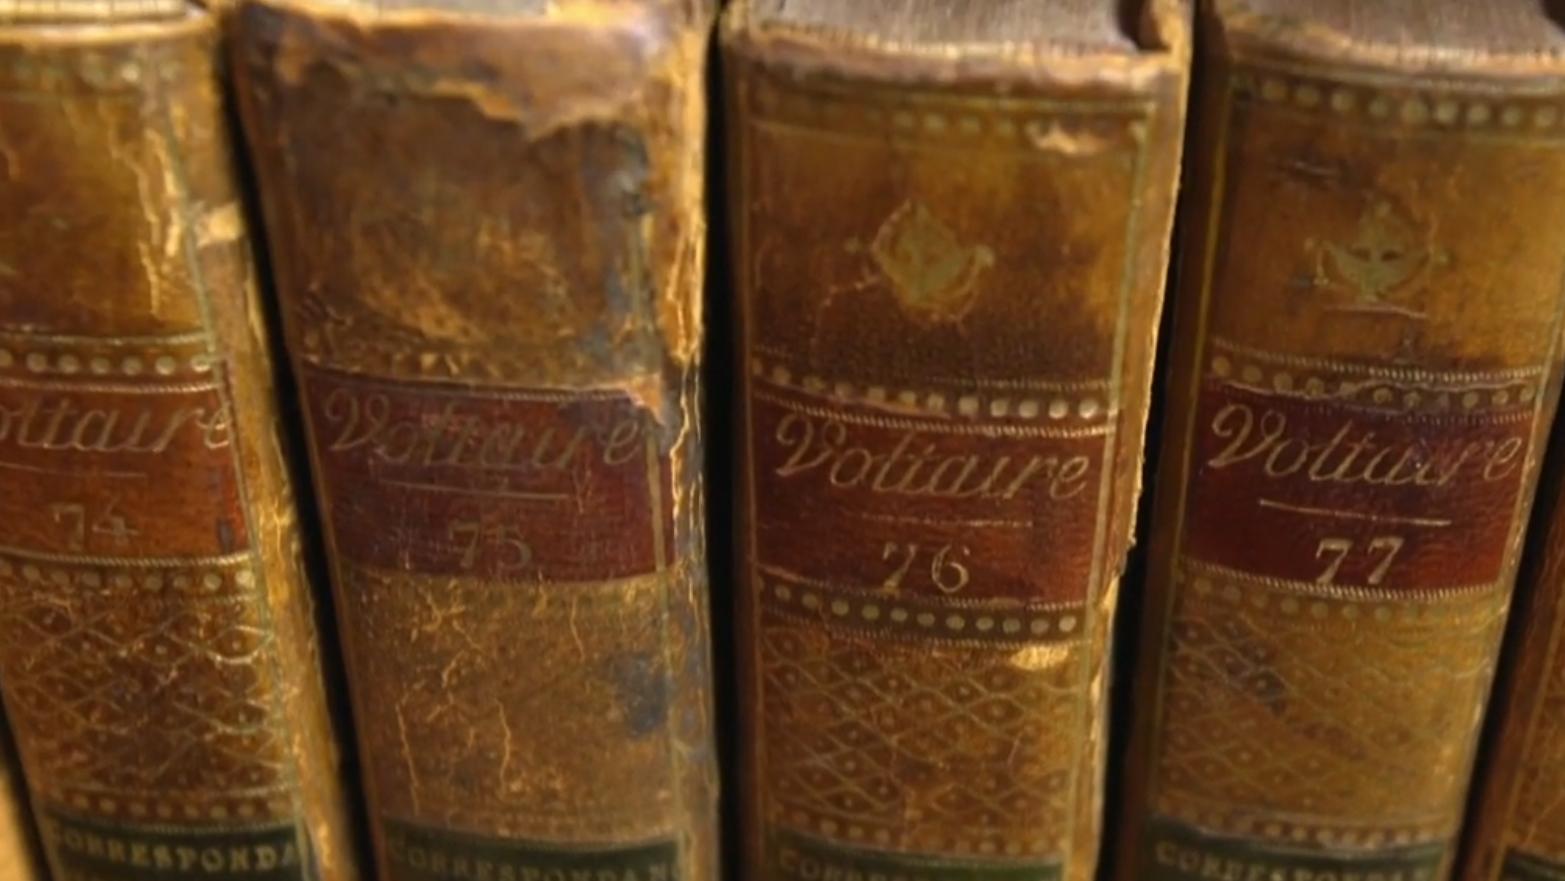 La correspondence de Voltaire en plusieurs volumes - d'purb dpurb site web